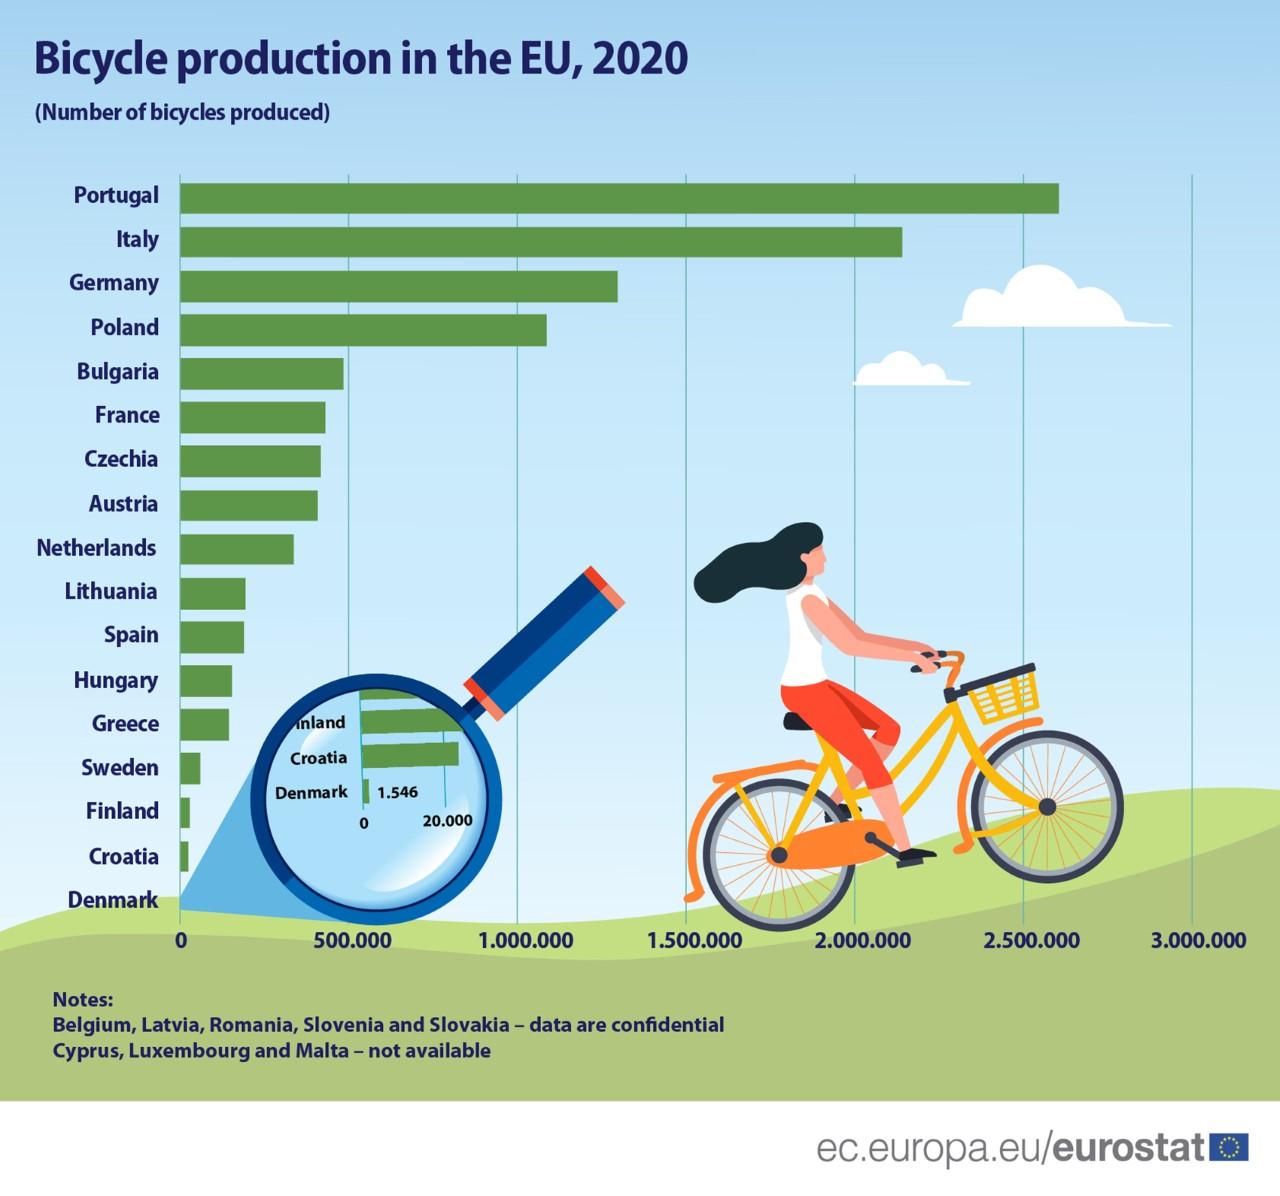 Portugal volta a ser campeão europeu na produção de bicicletas